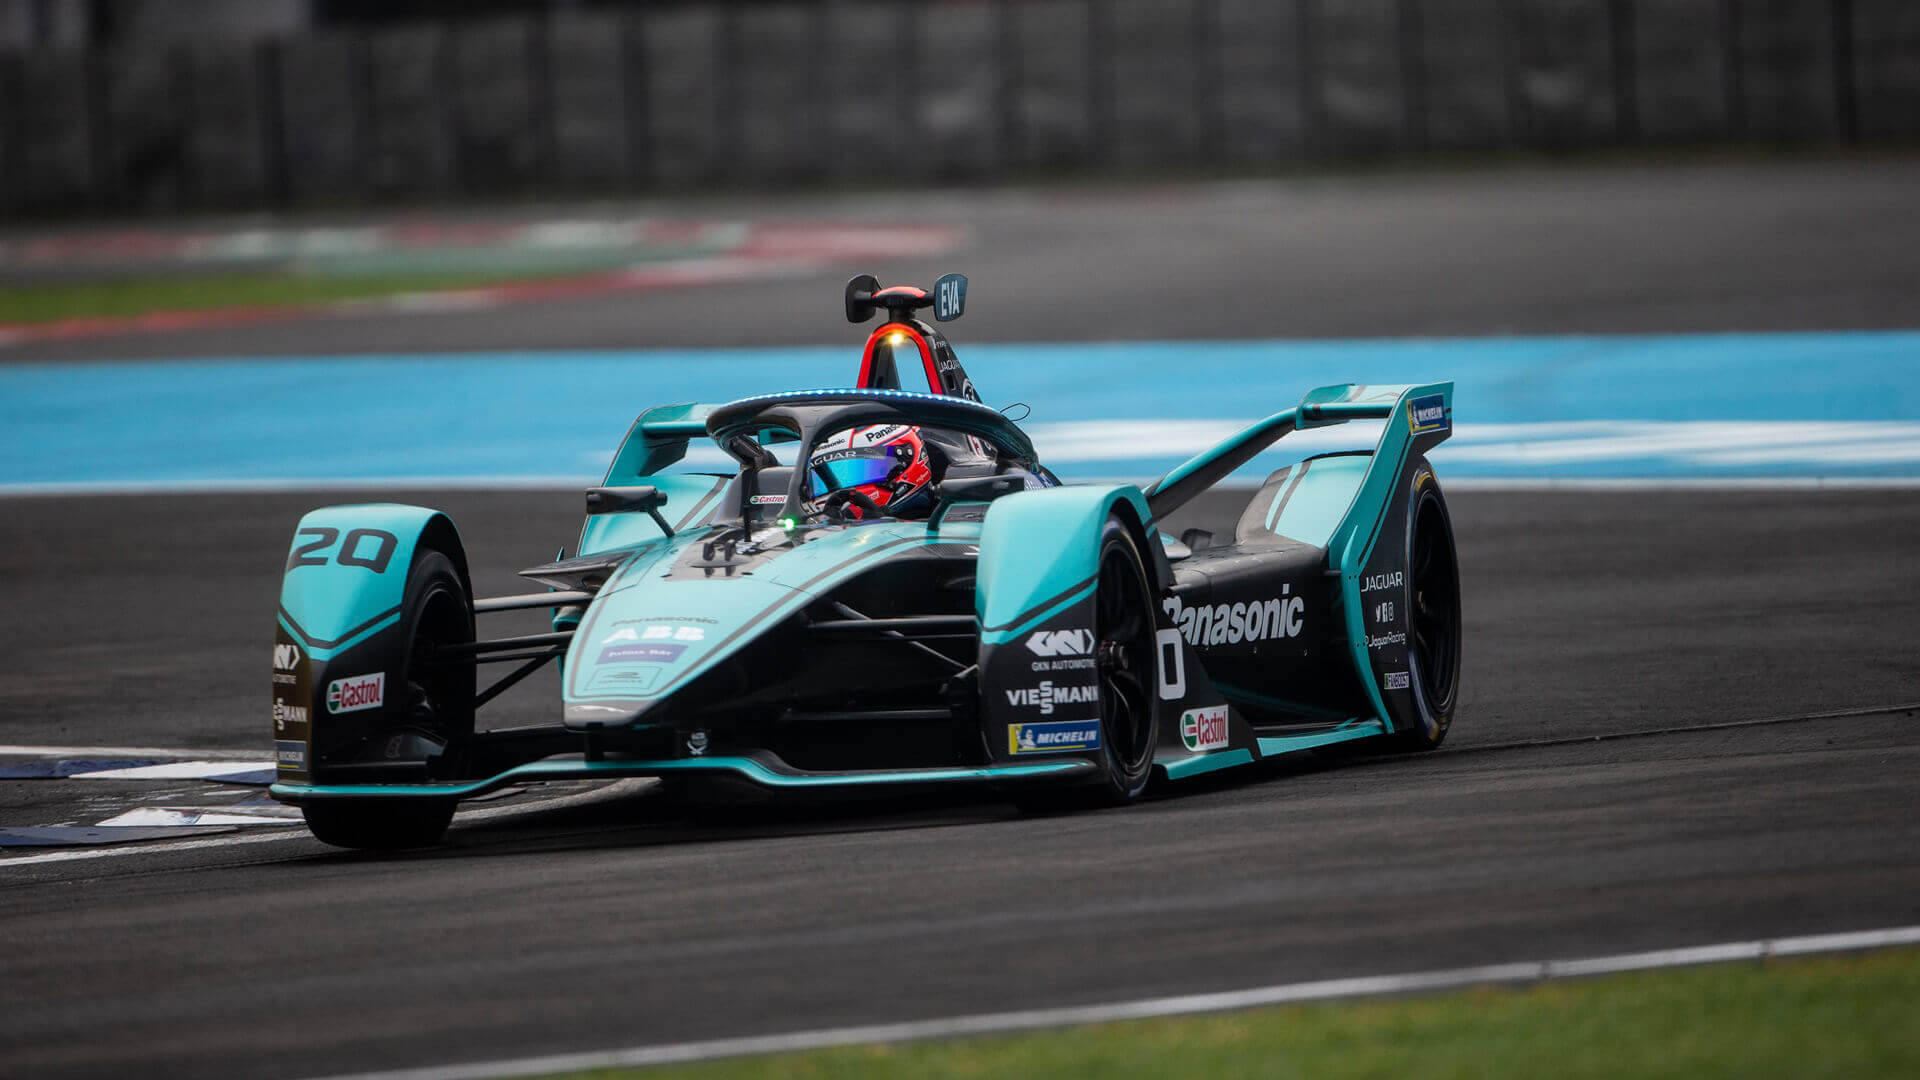 Електричний болід команди Panasonic Jaguar Racing